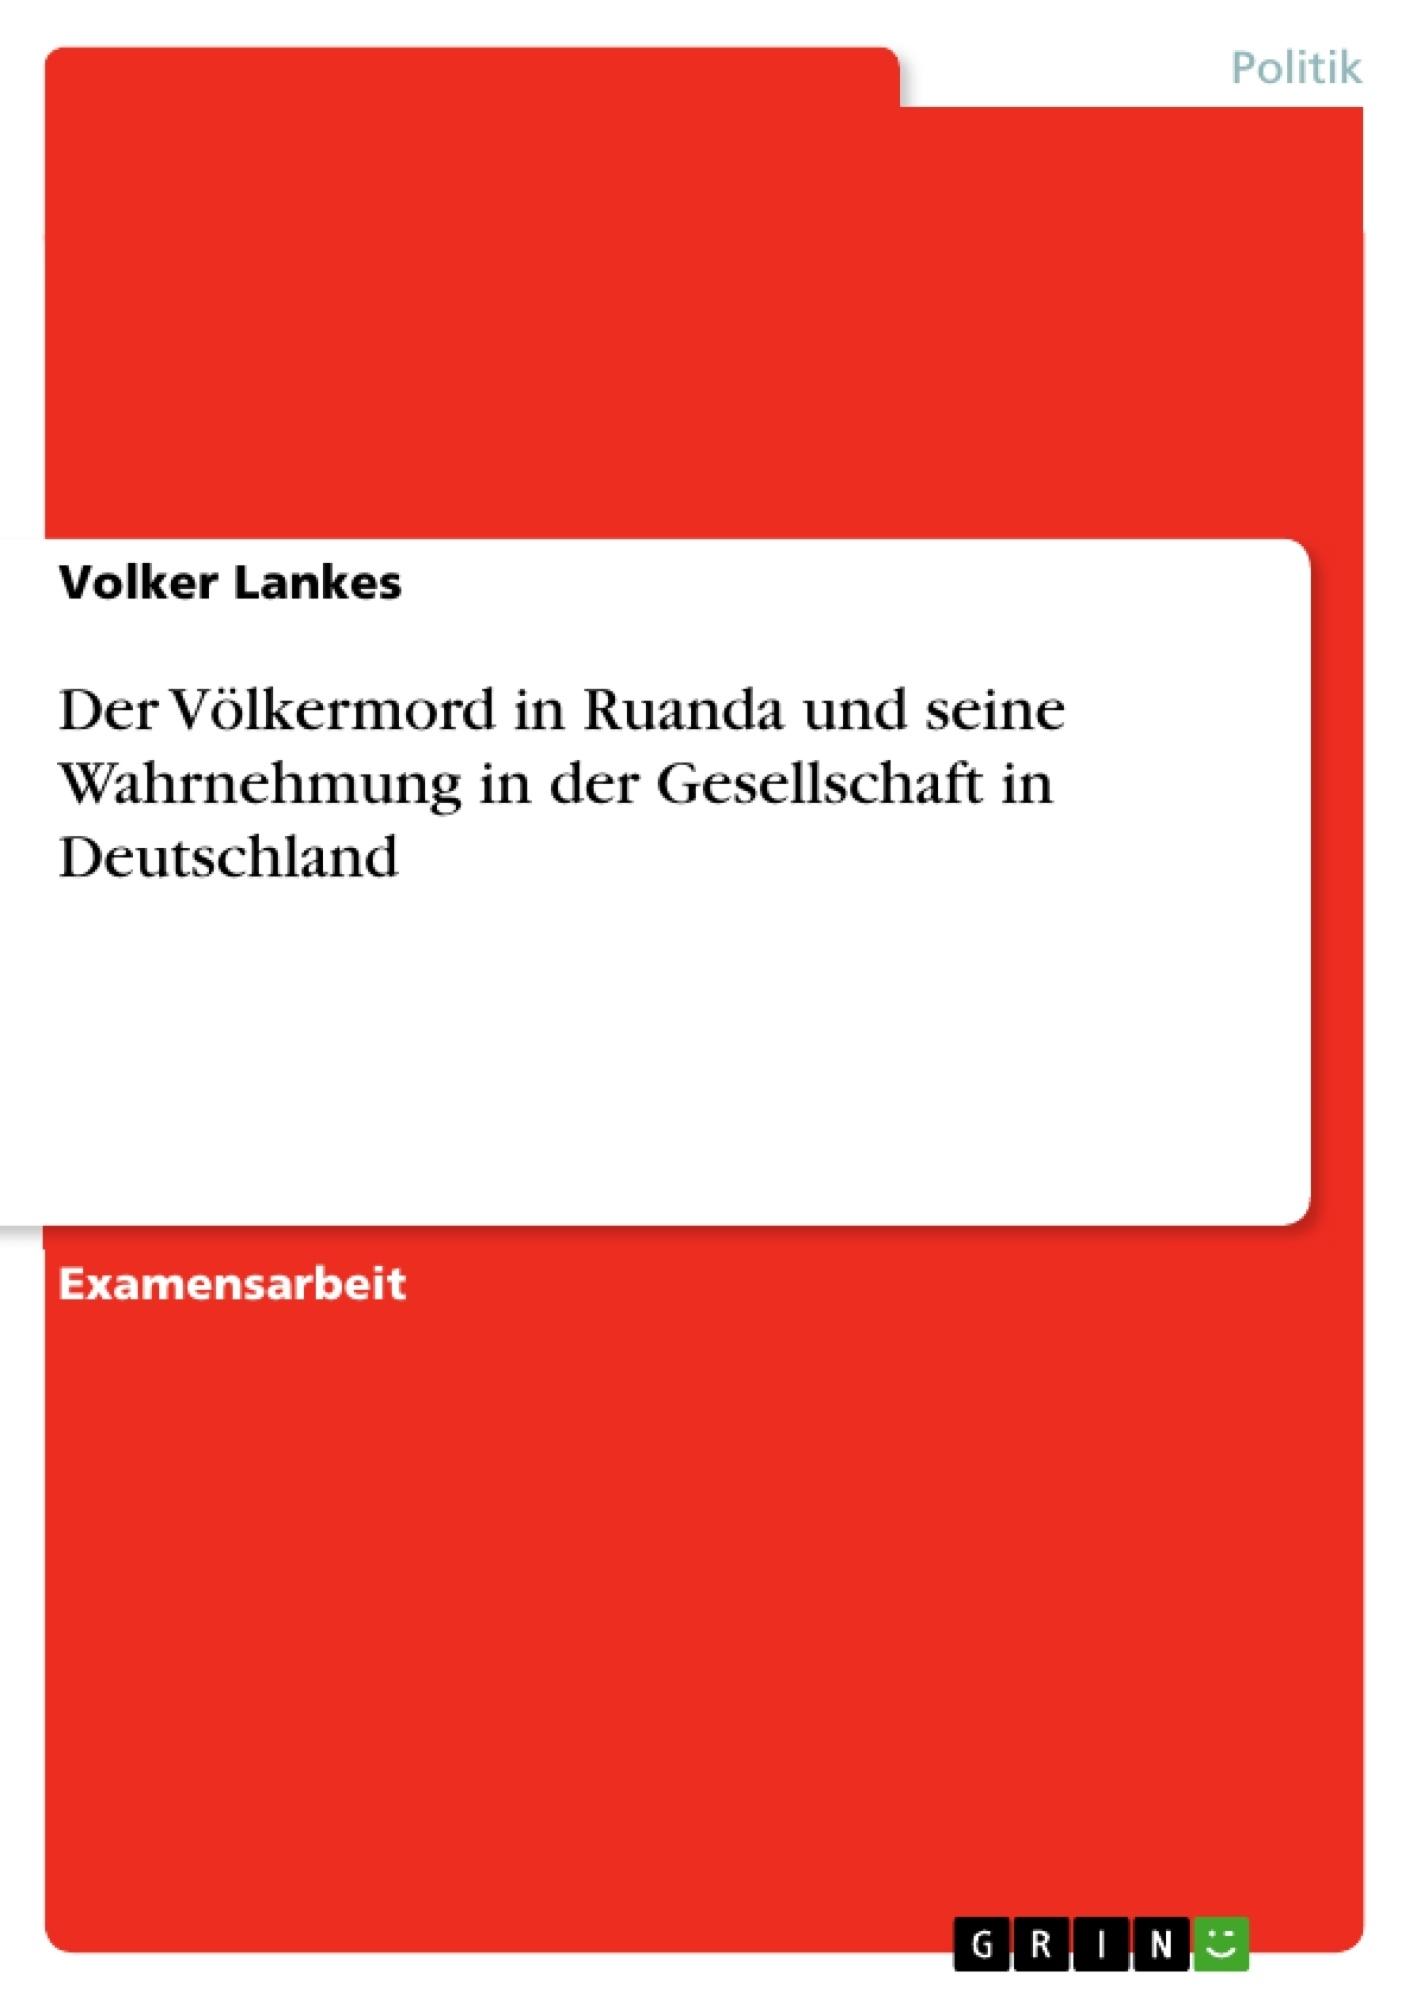 Titel: Der Völkermord in Ruanda und seine Wahrnehmung in der Gesellschaft in Deutschland